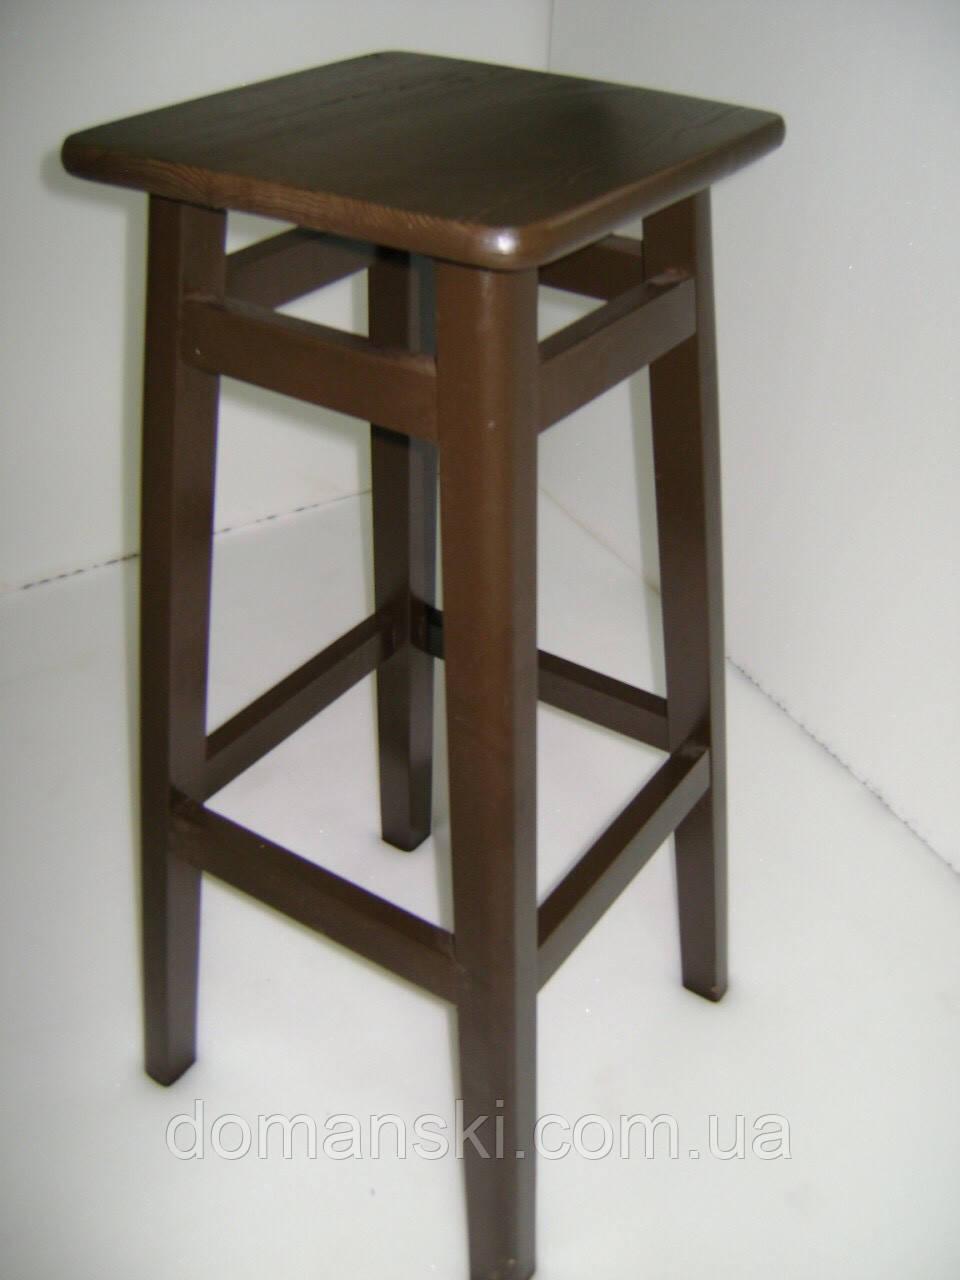 Барные стулья. Барный   табурет окрашеный. Стул для кофейни. 80 см высота.